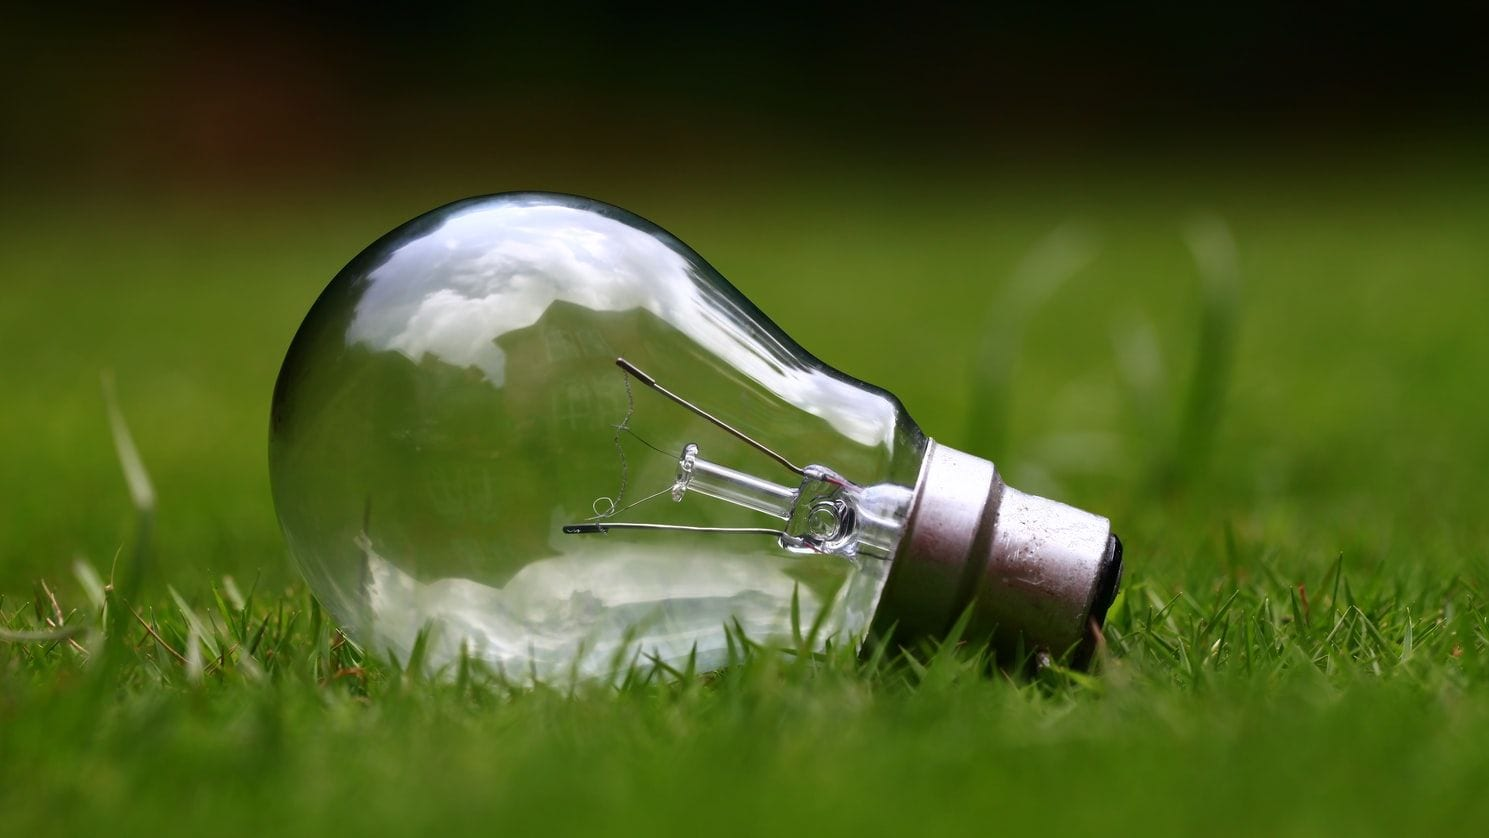 La rénovation énergétique : une priorité pour votre logement et la planète